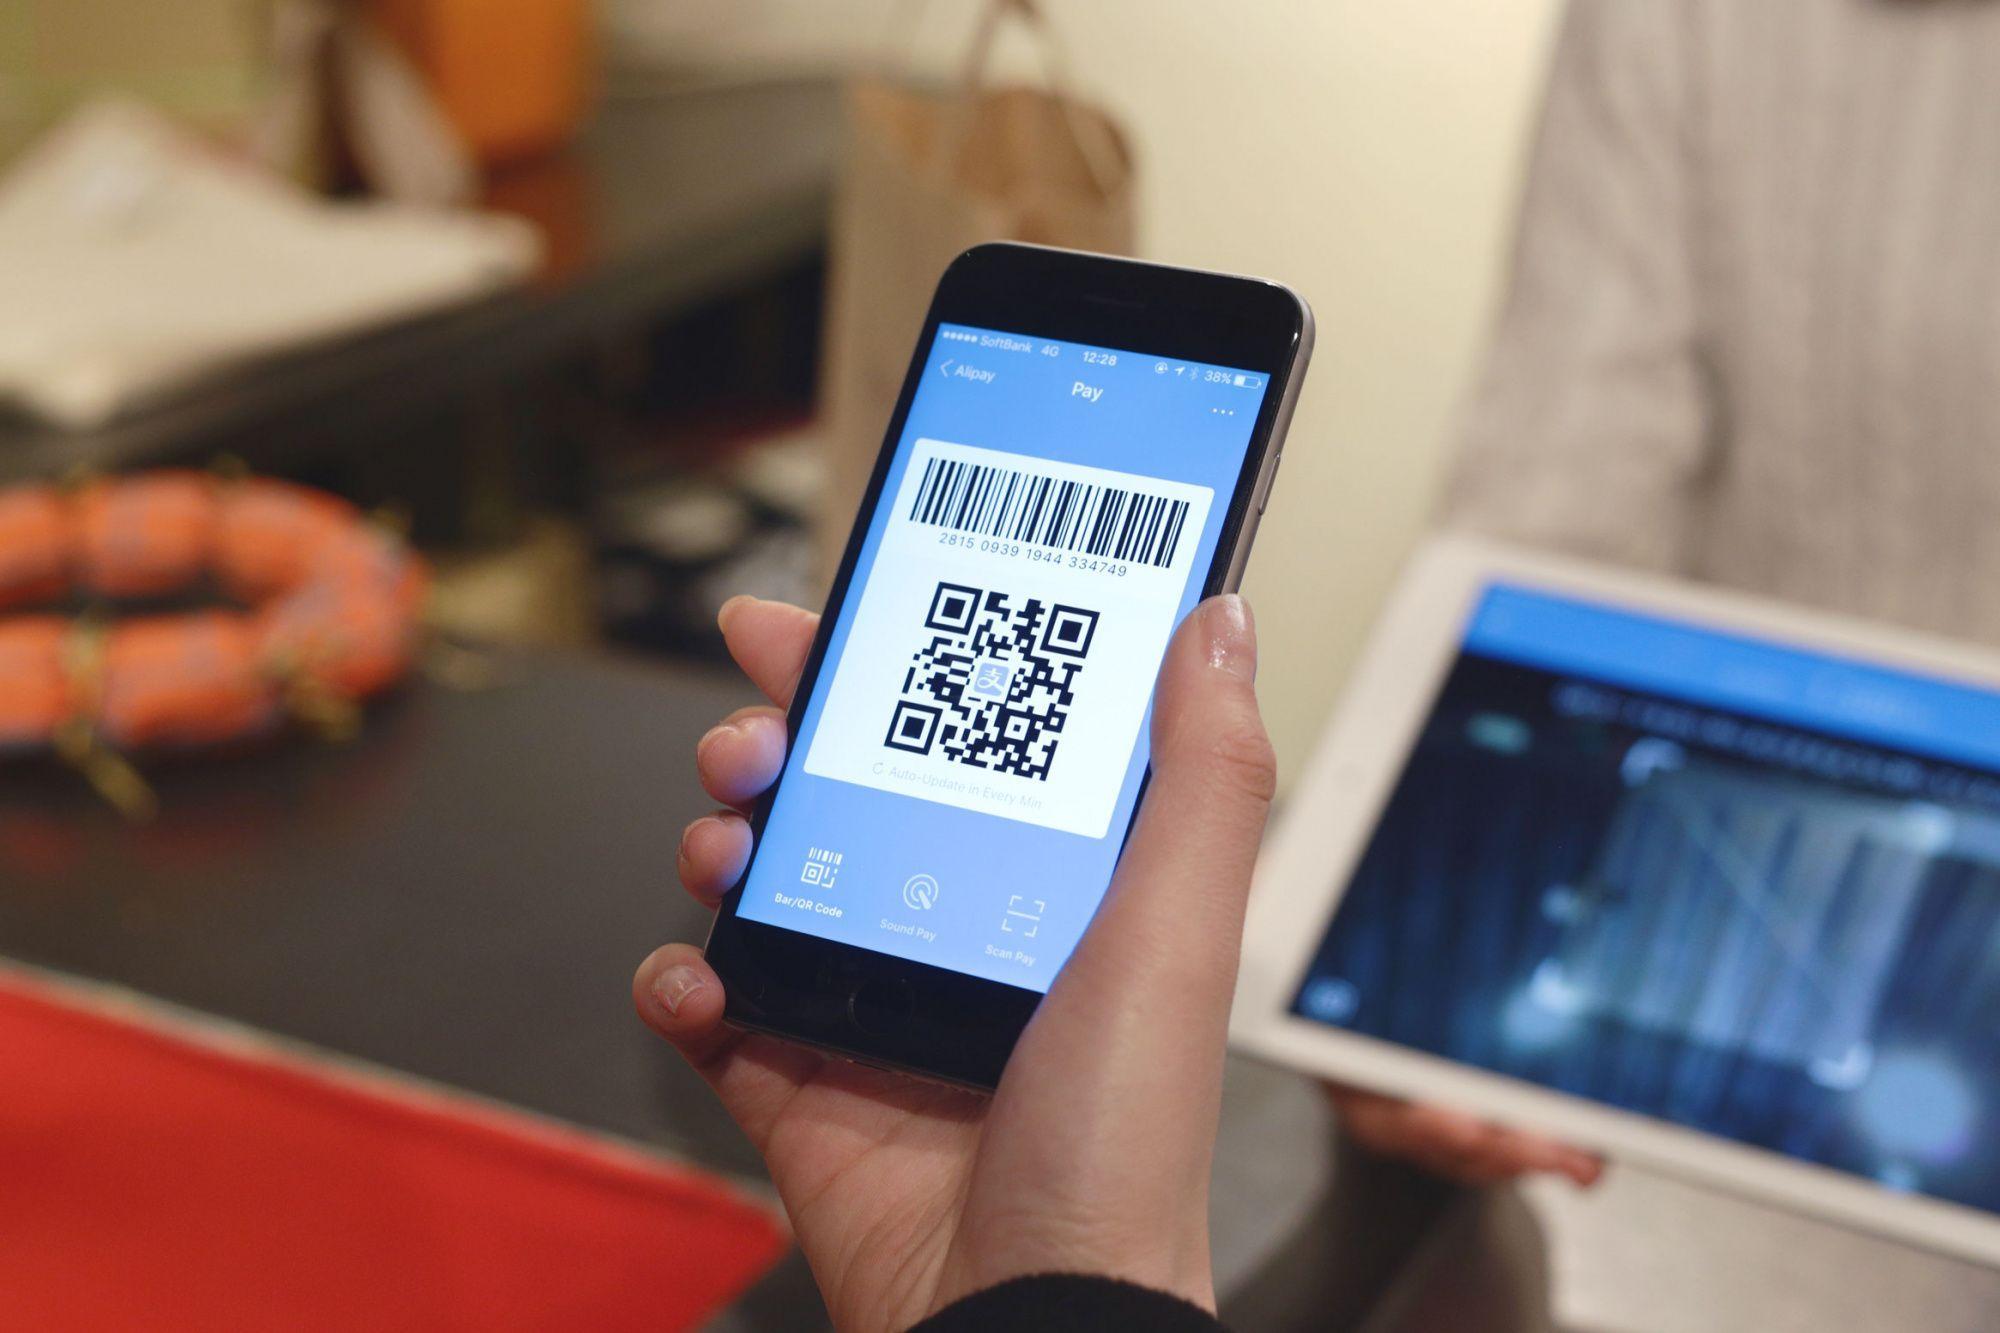 Оплата по QR-коду: что нужно знать о таких платежах и как не стать жертвой мошенников